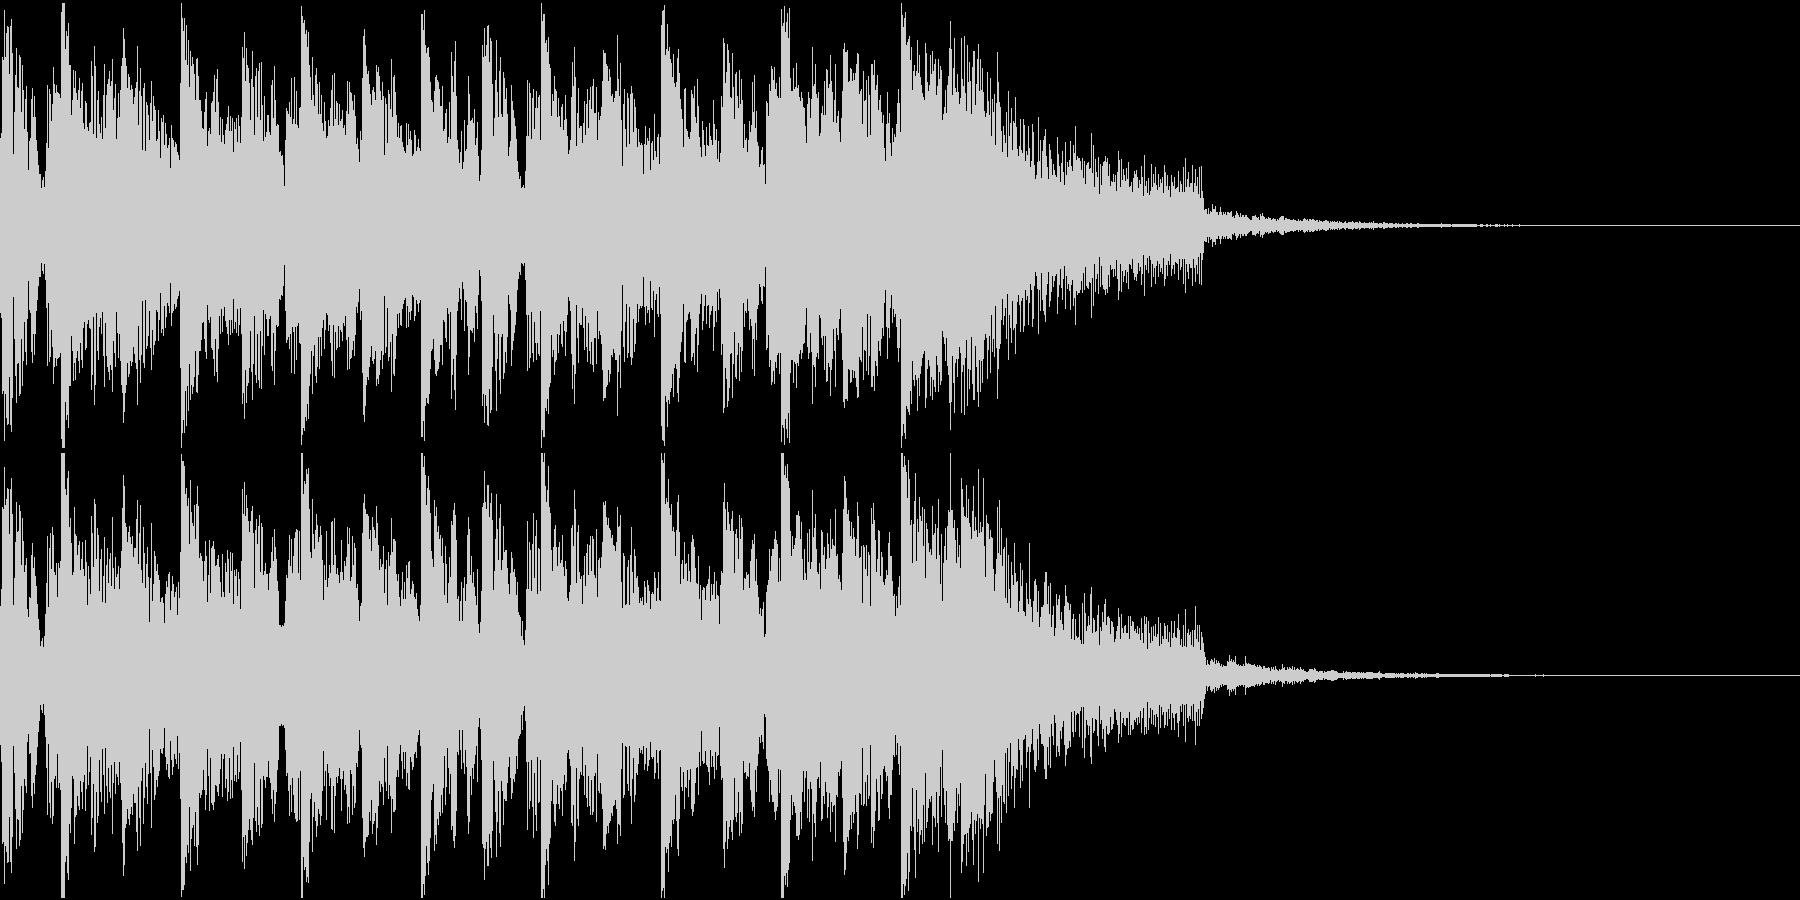 ニュース ラジオ テクノジングルの未再生の波形